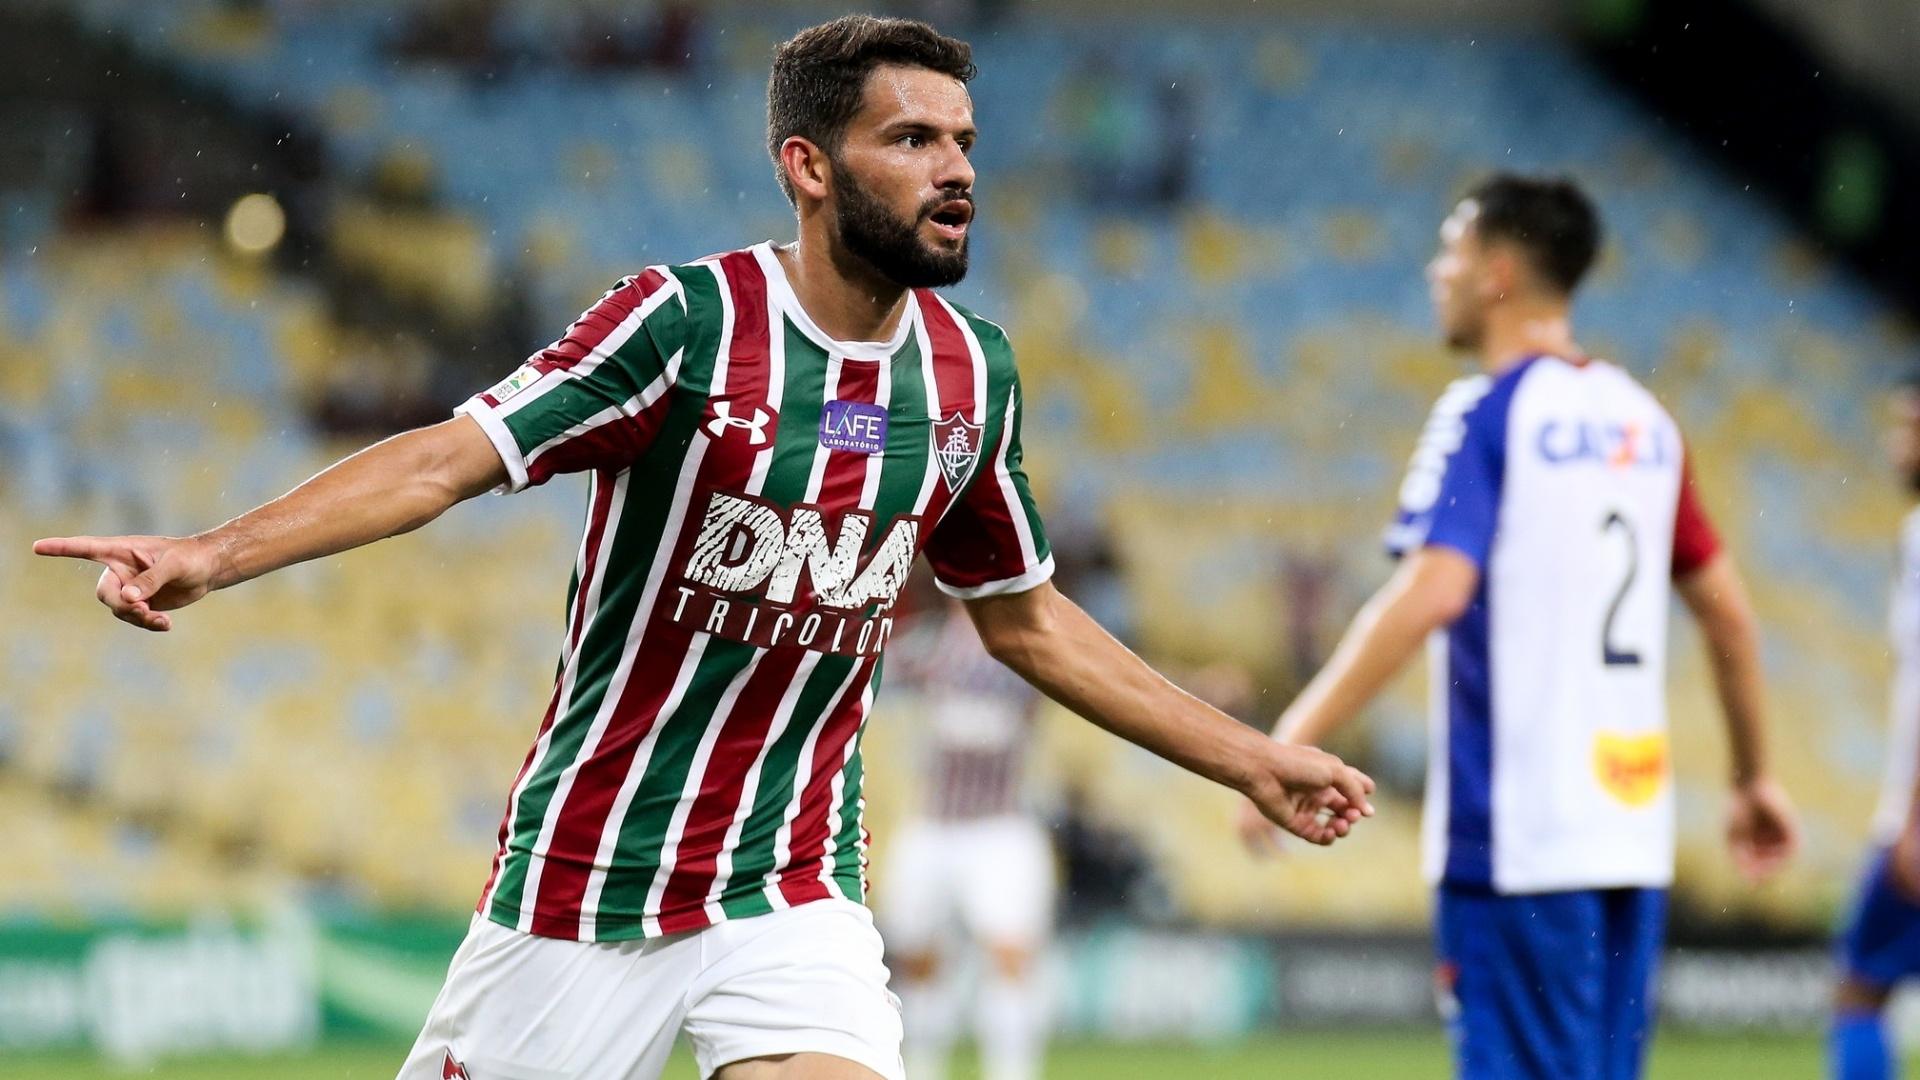 Fluminense acerta patrocínio com aplicativo de entregas para a camisa -  Esporte - BOL cb2fc1f8778e0